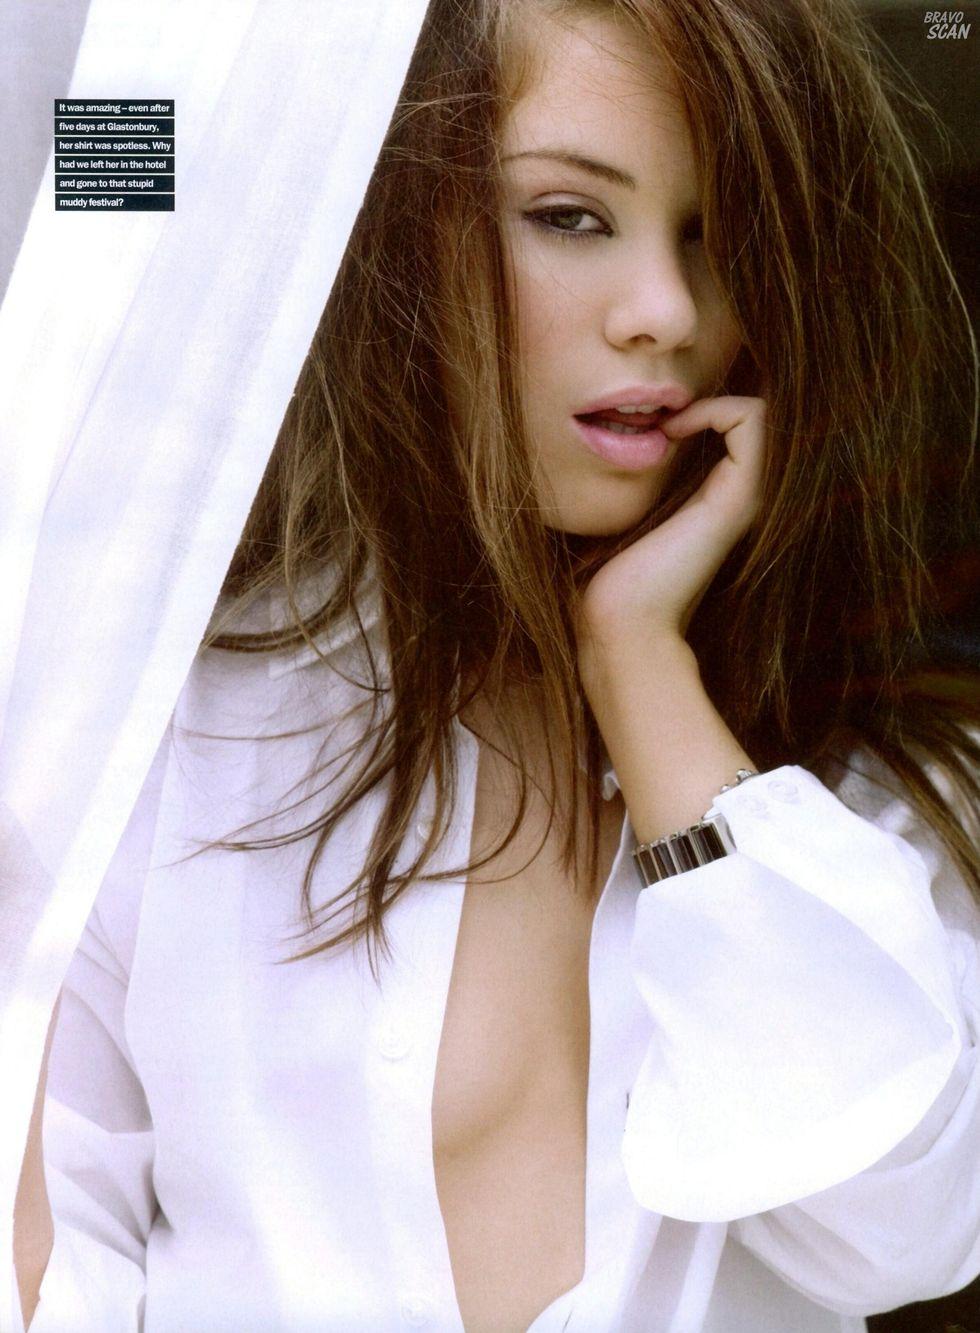 roxanne-mckee-maxim-magazine-december-2008-01